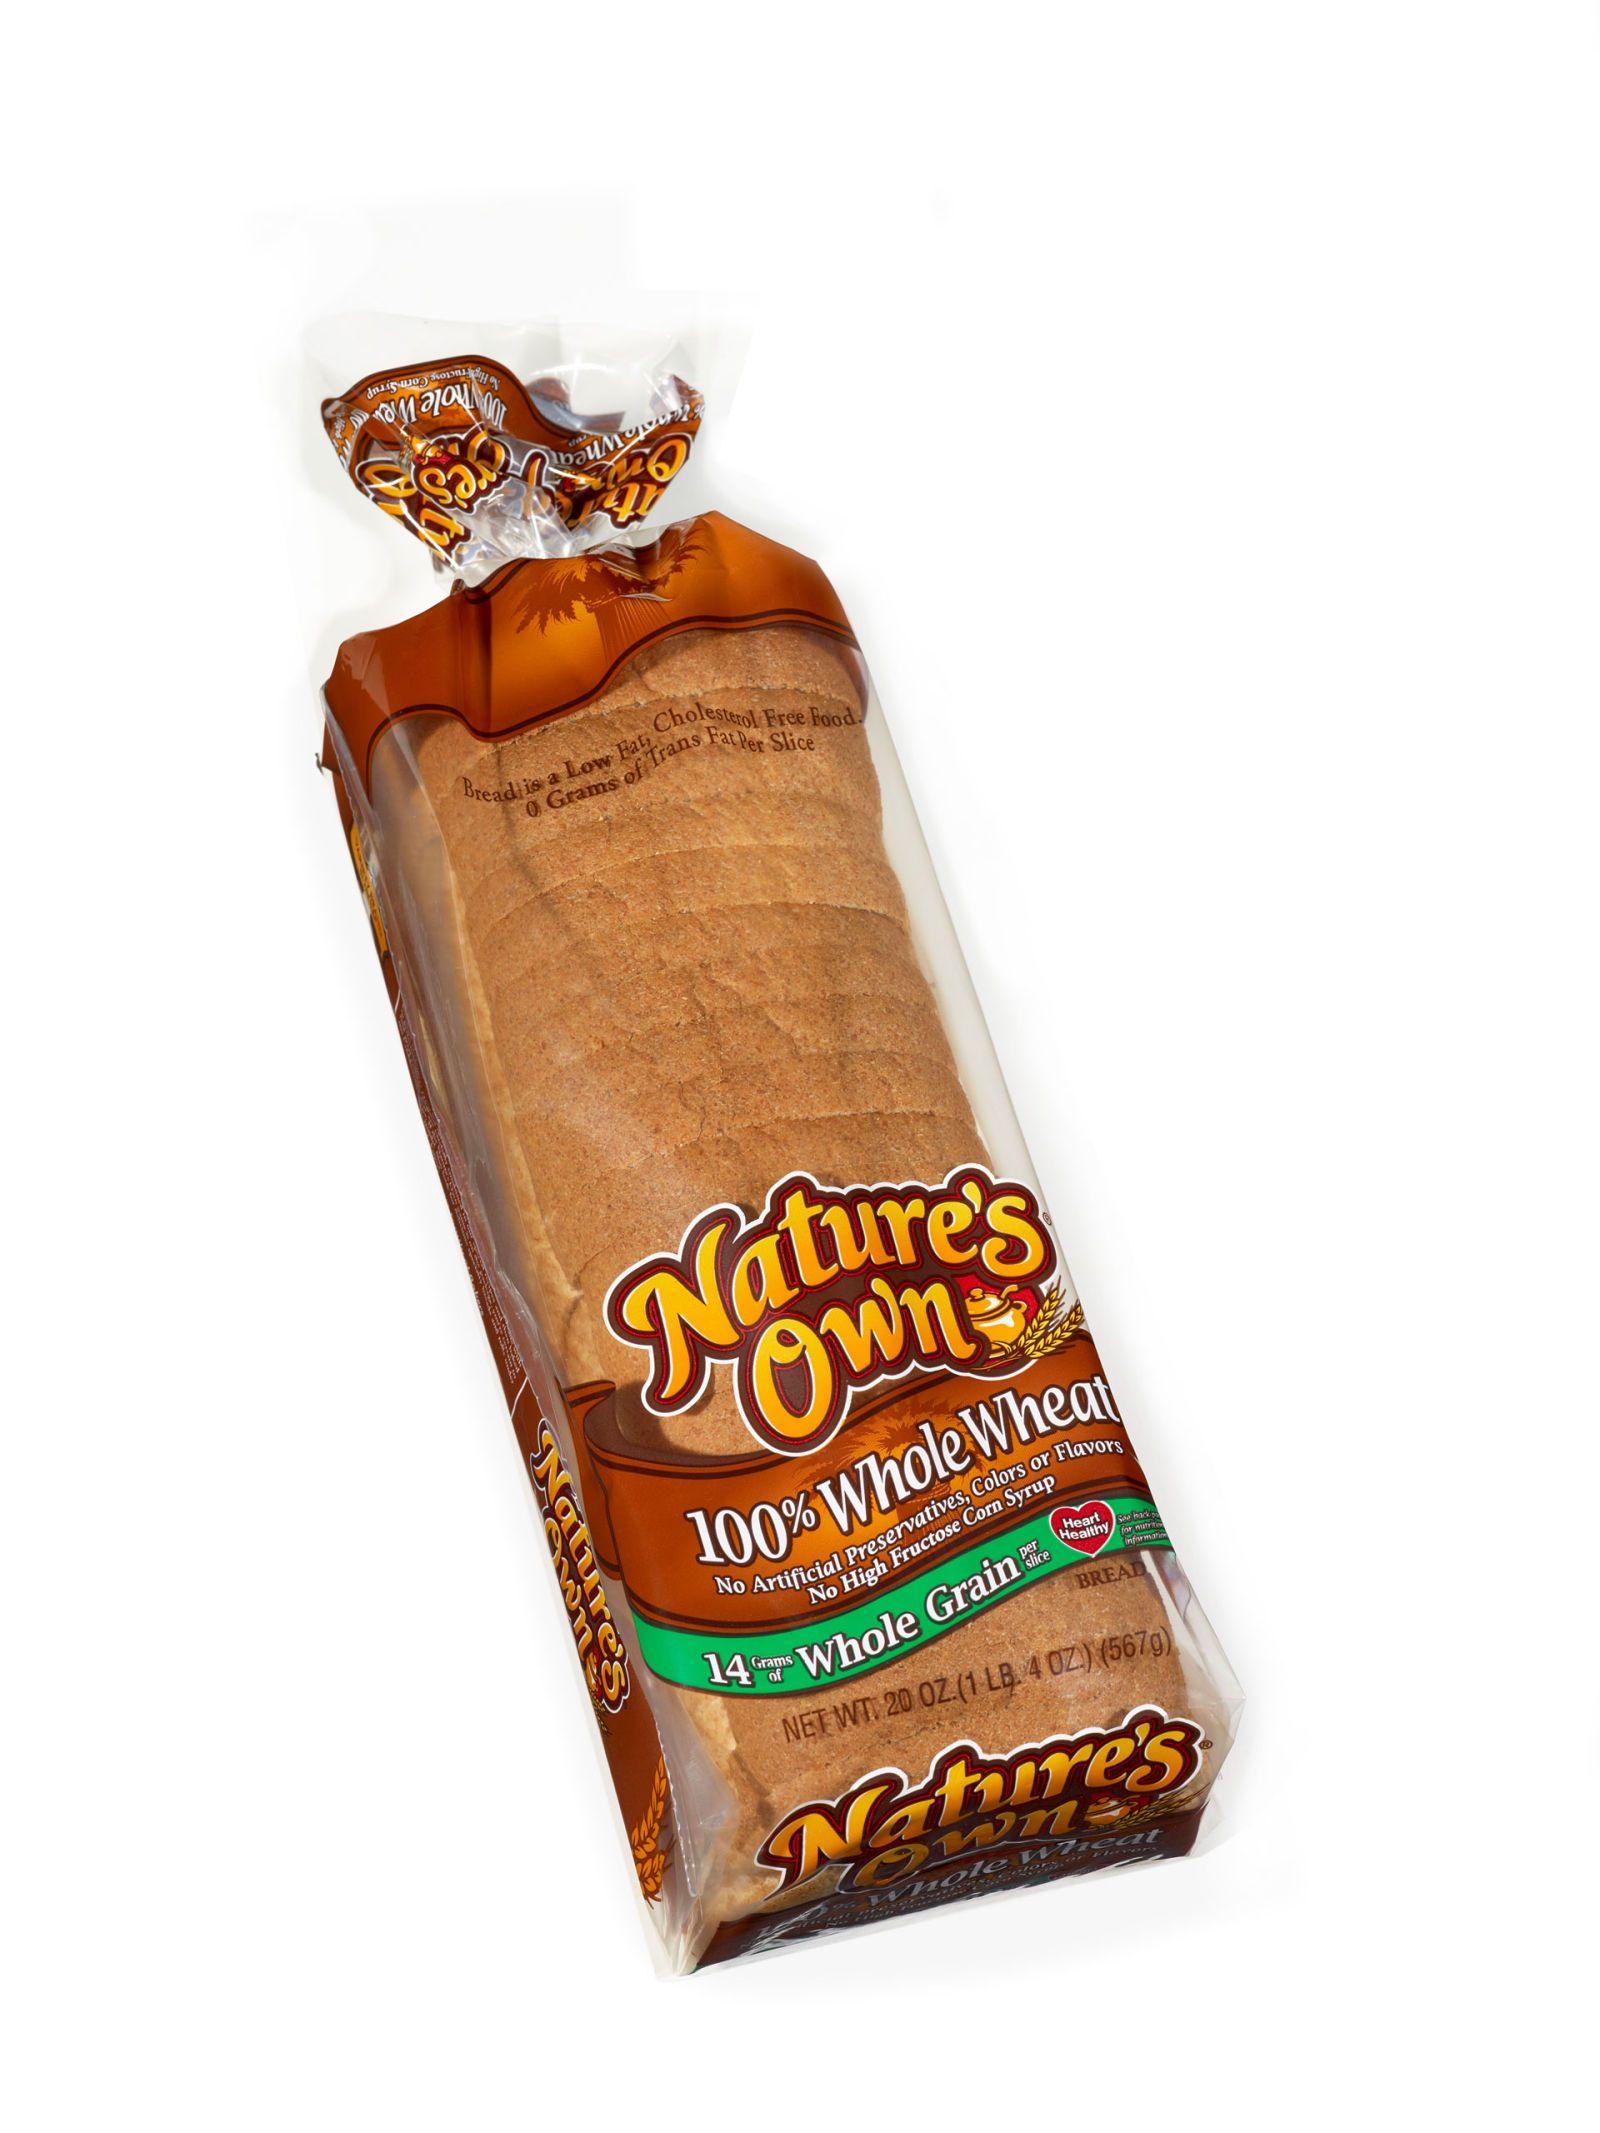 Best Whole-Wheat Bread - Whole-Grain